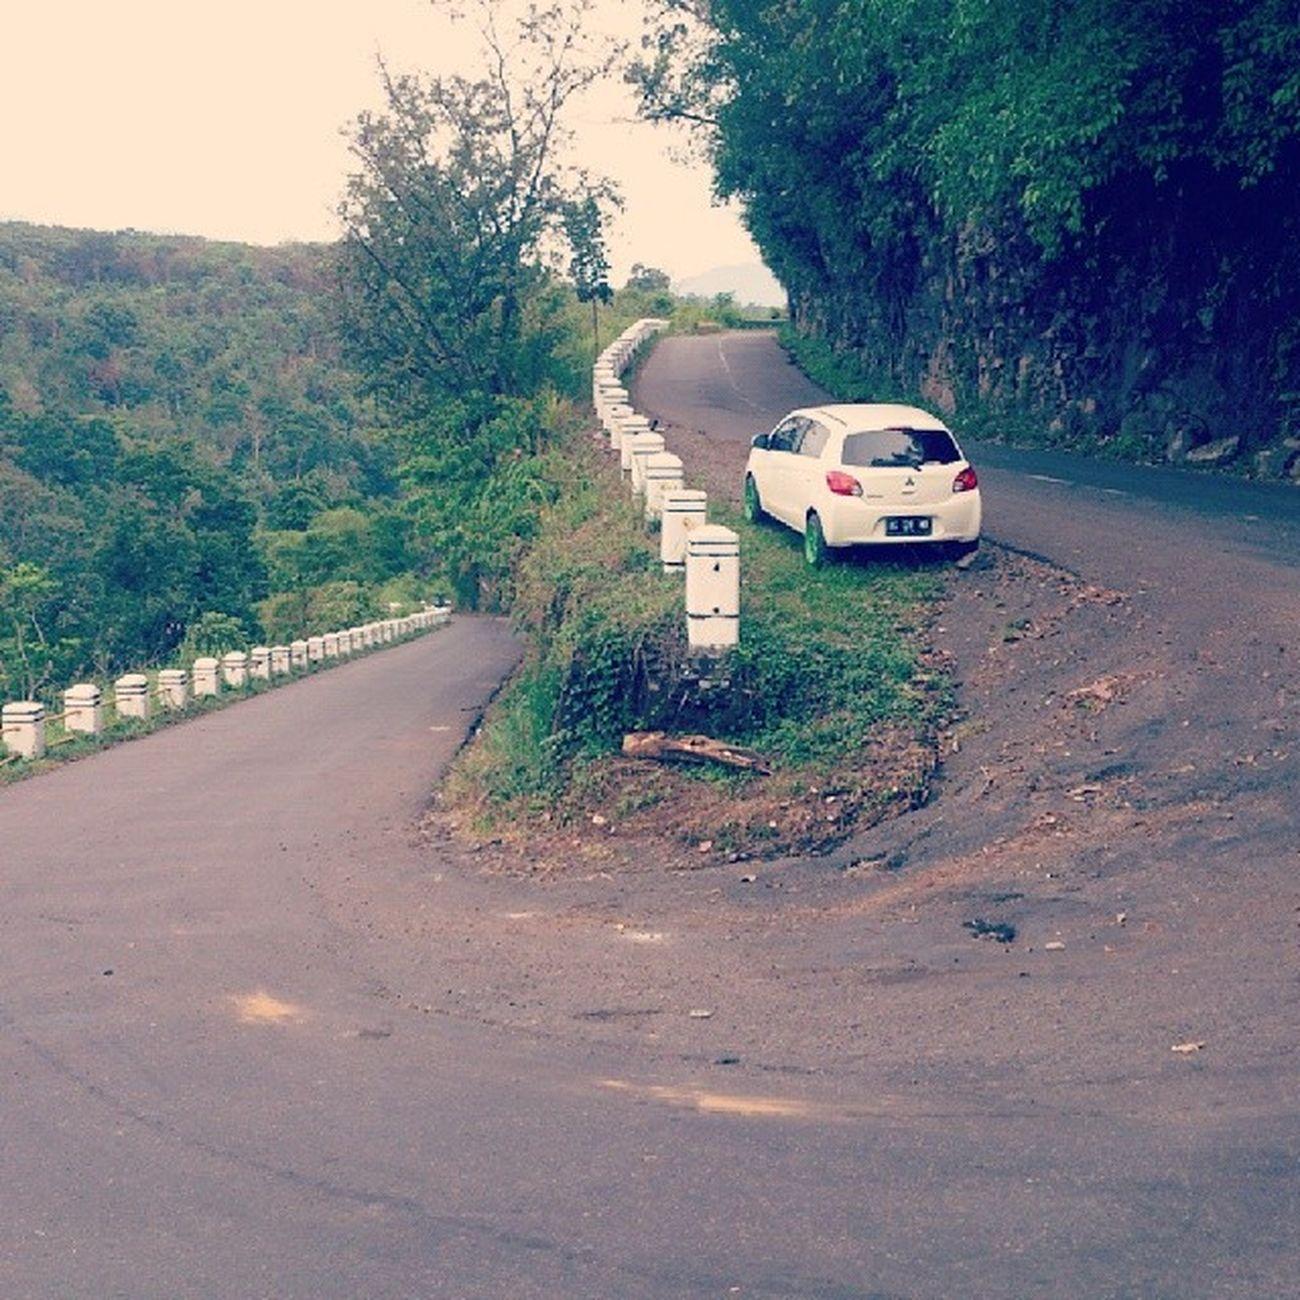 Extreme Road Corner Endikat pagaralam